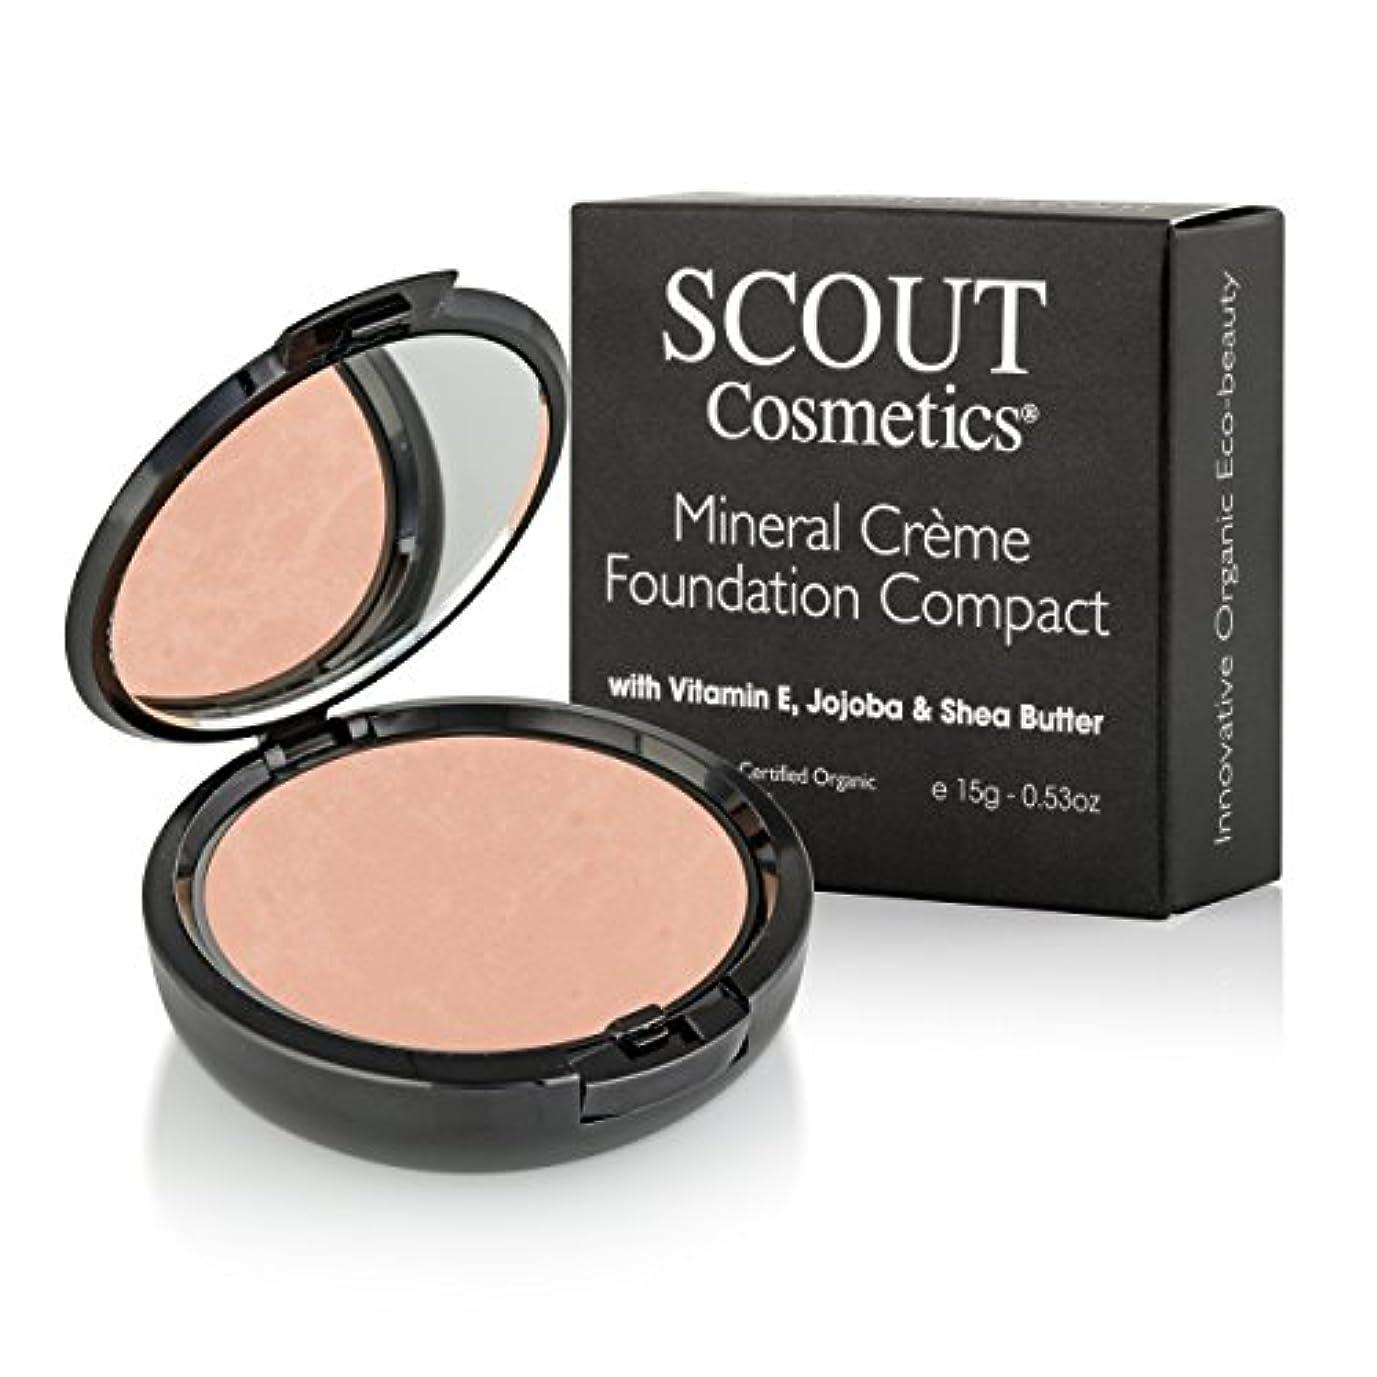 ゆでるそっとする必要があるSCOUT Cosmetics Mineral Creme Foundation Compact SPF 15 - # Camel 15g/0.53oz並行輸入品